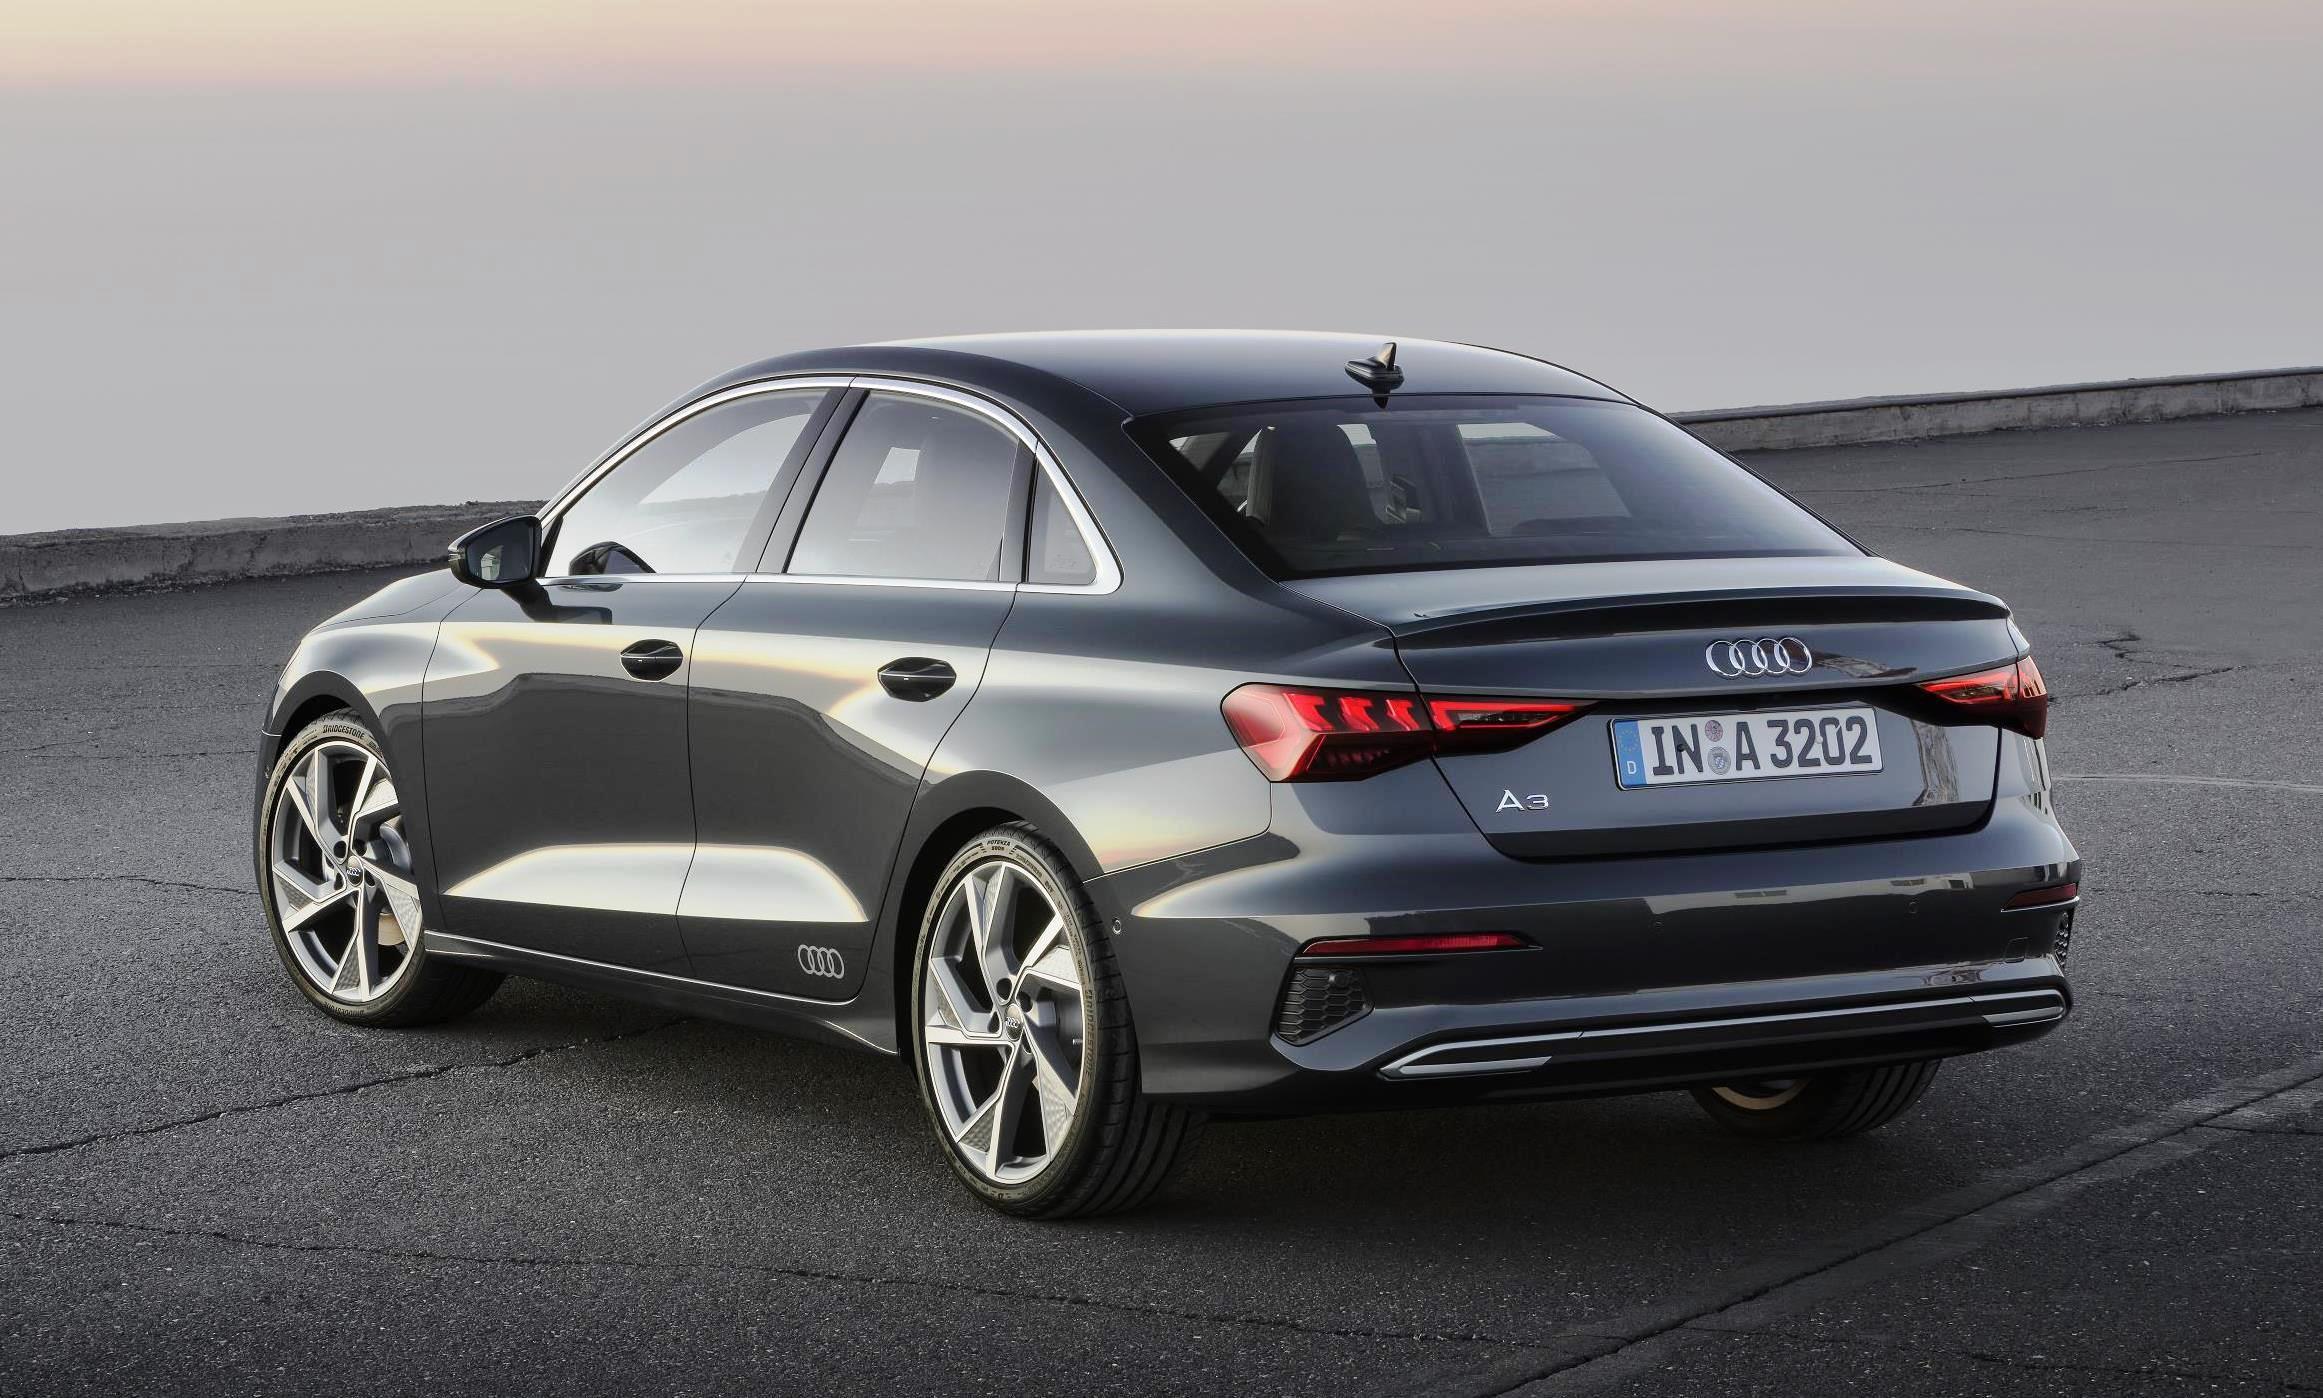 2020 Audi A3 saloon